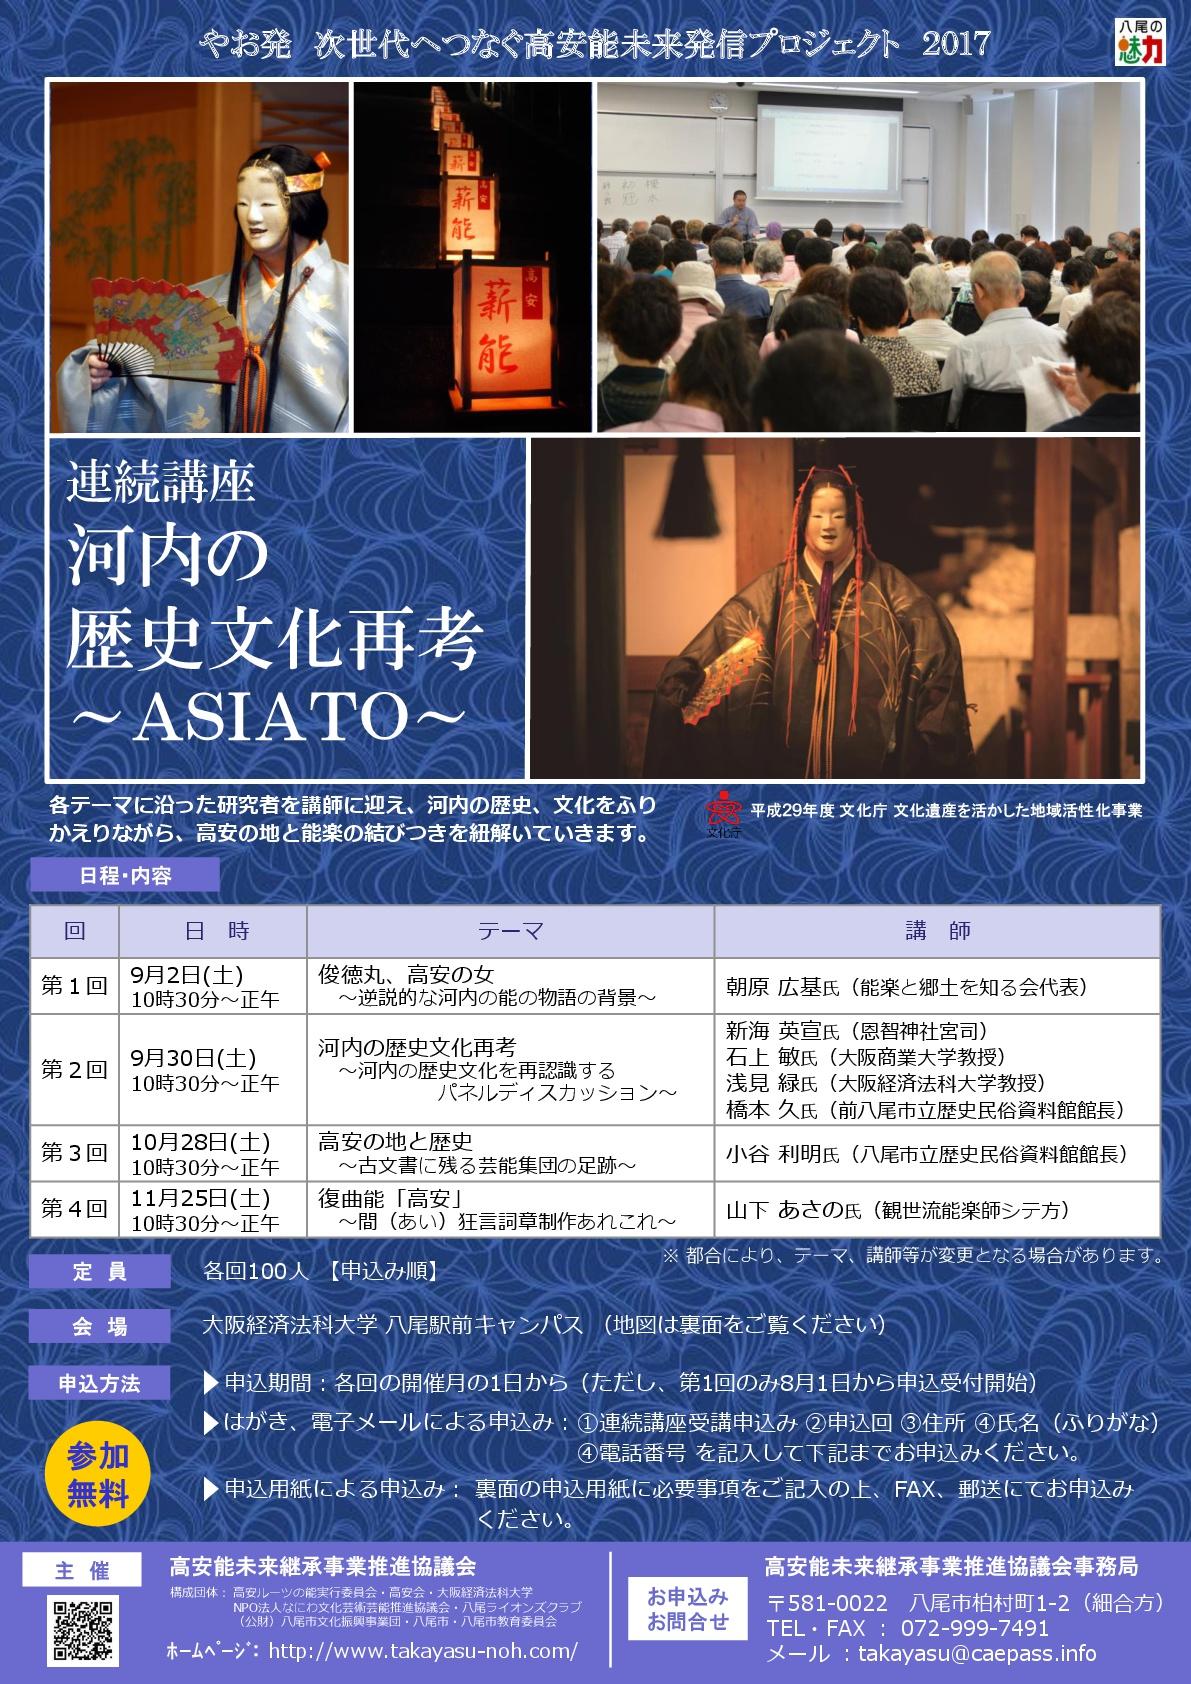 連続講座「河内の歴史文化再考~ASIATO~」